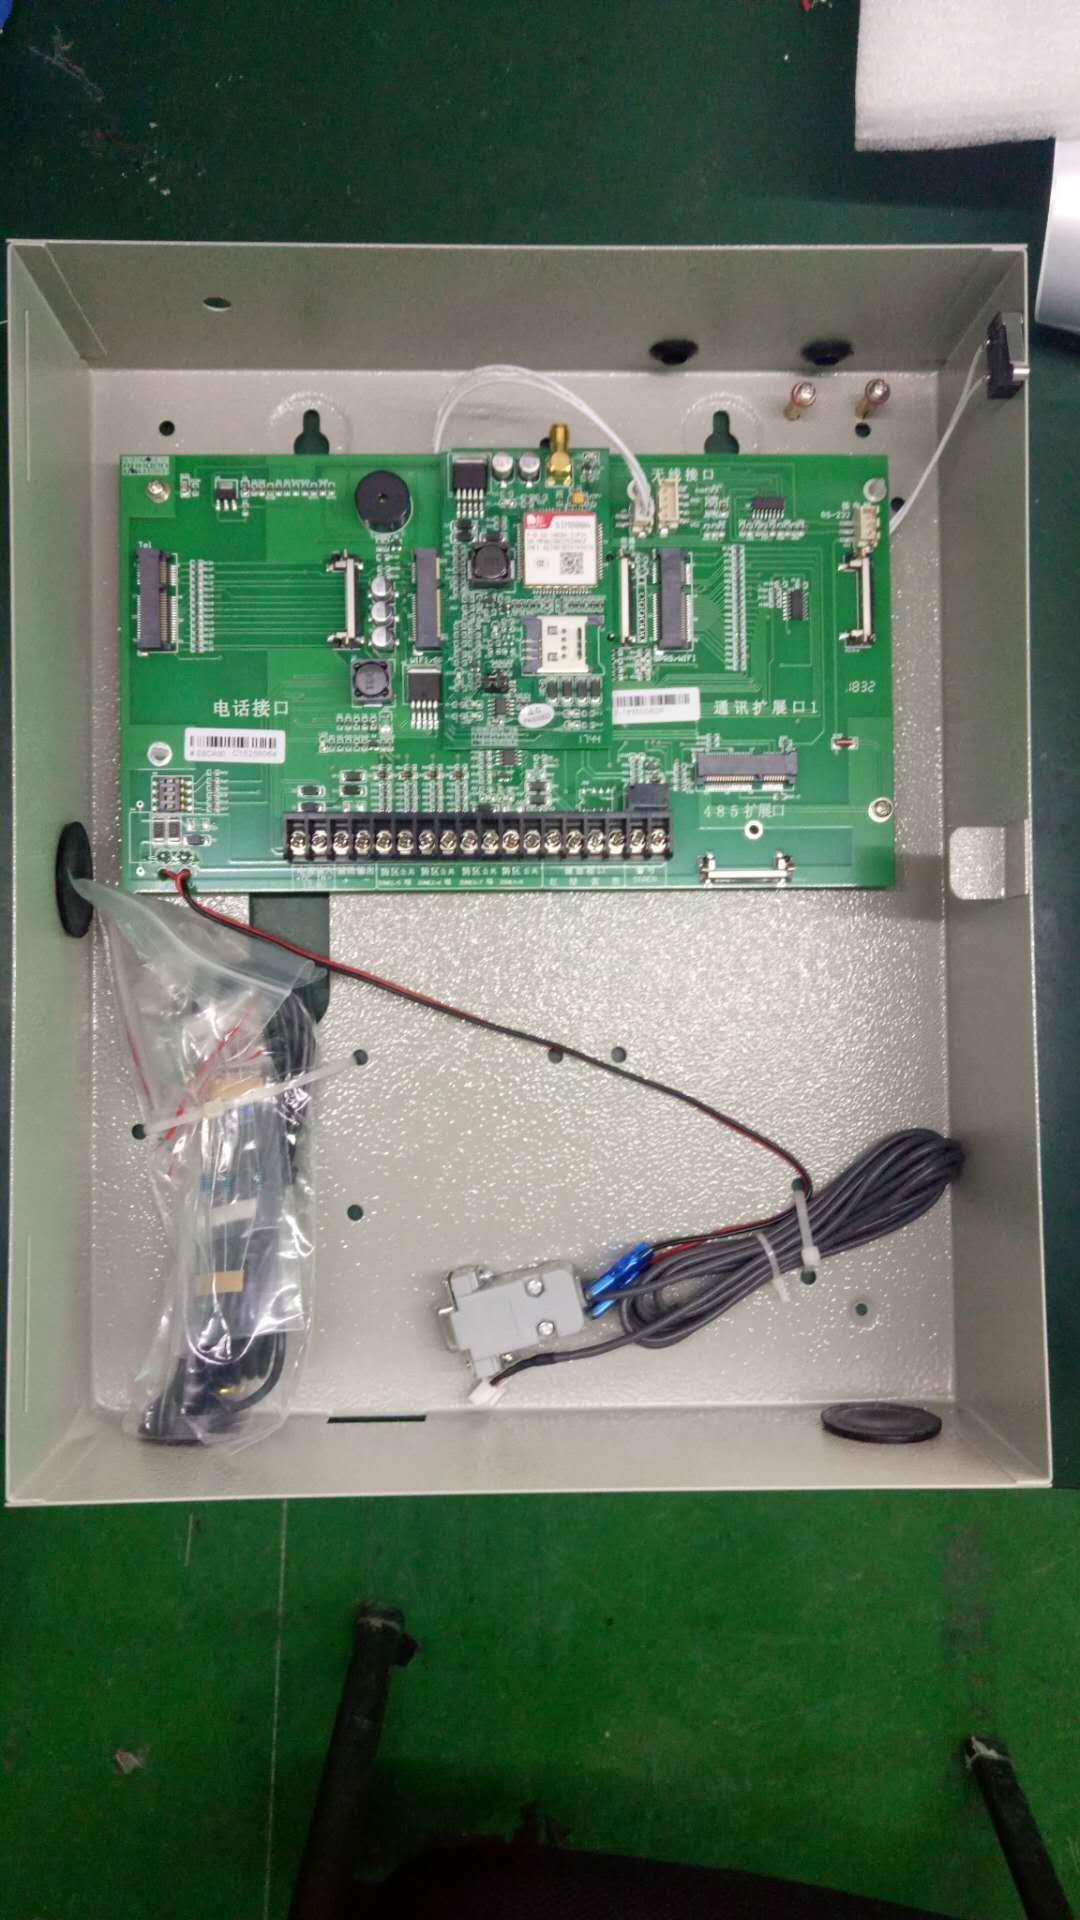 宏安科HAK-6-6106C 总线网络报警主机,485总线通讯方式